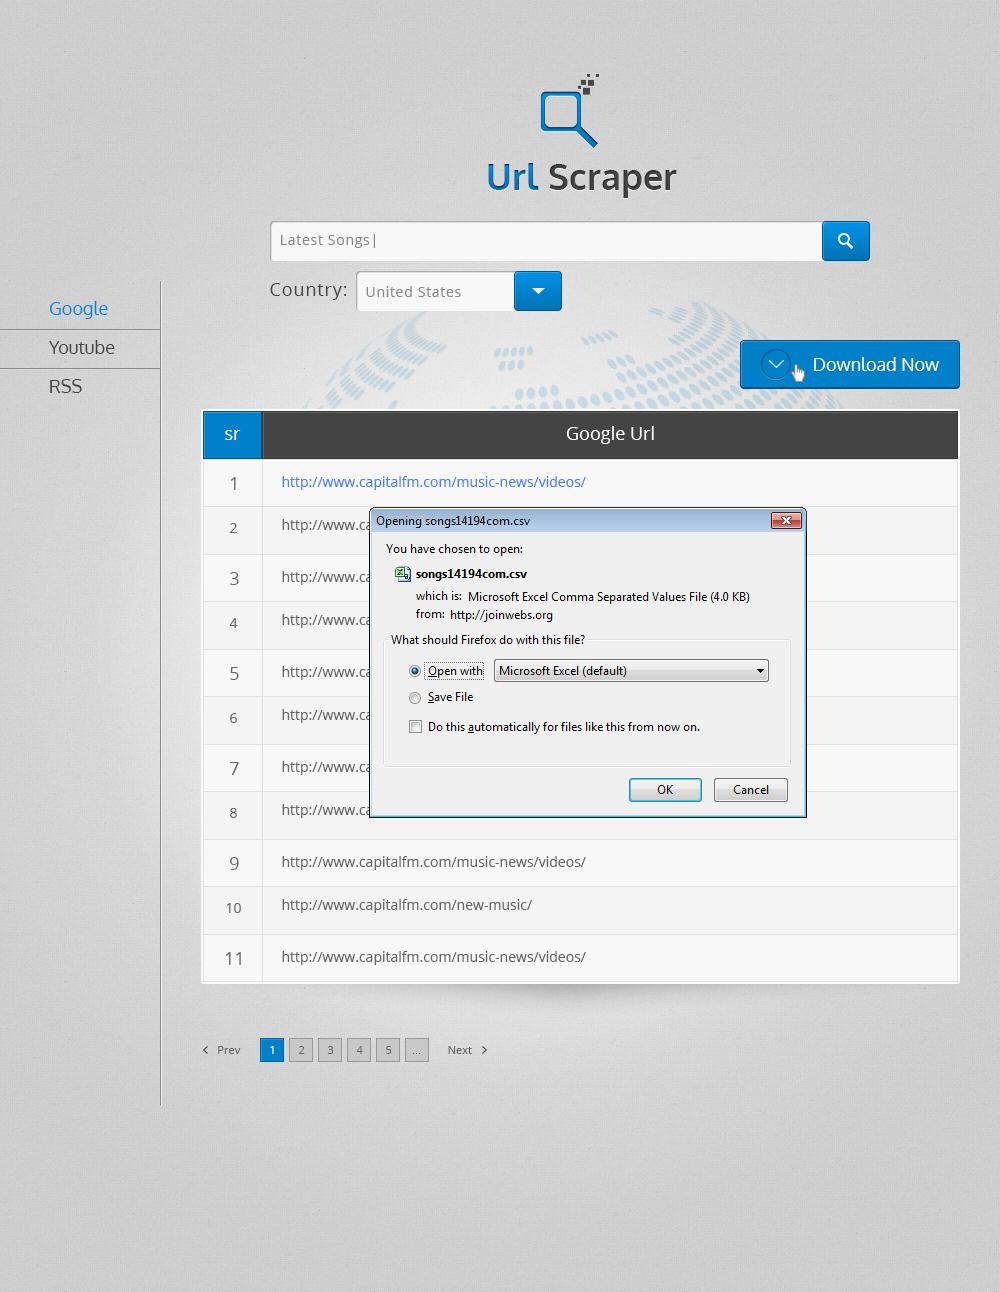 URL Scraper